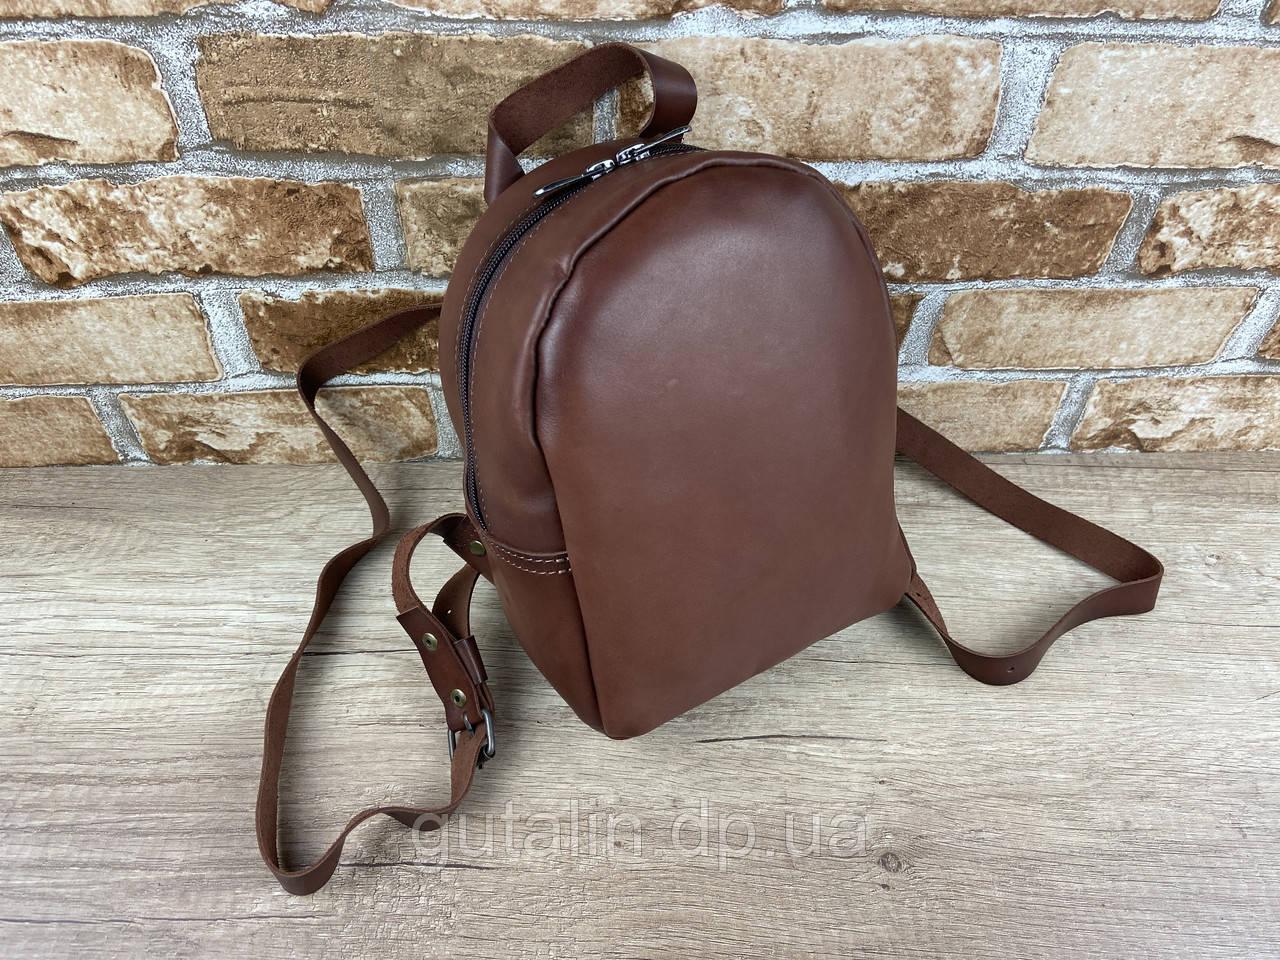 Женский рюкзак Мини ручной работы из натуральной кожи цвет светло коричневый